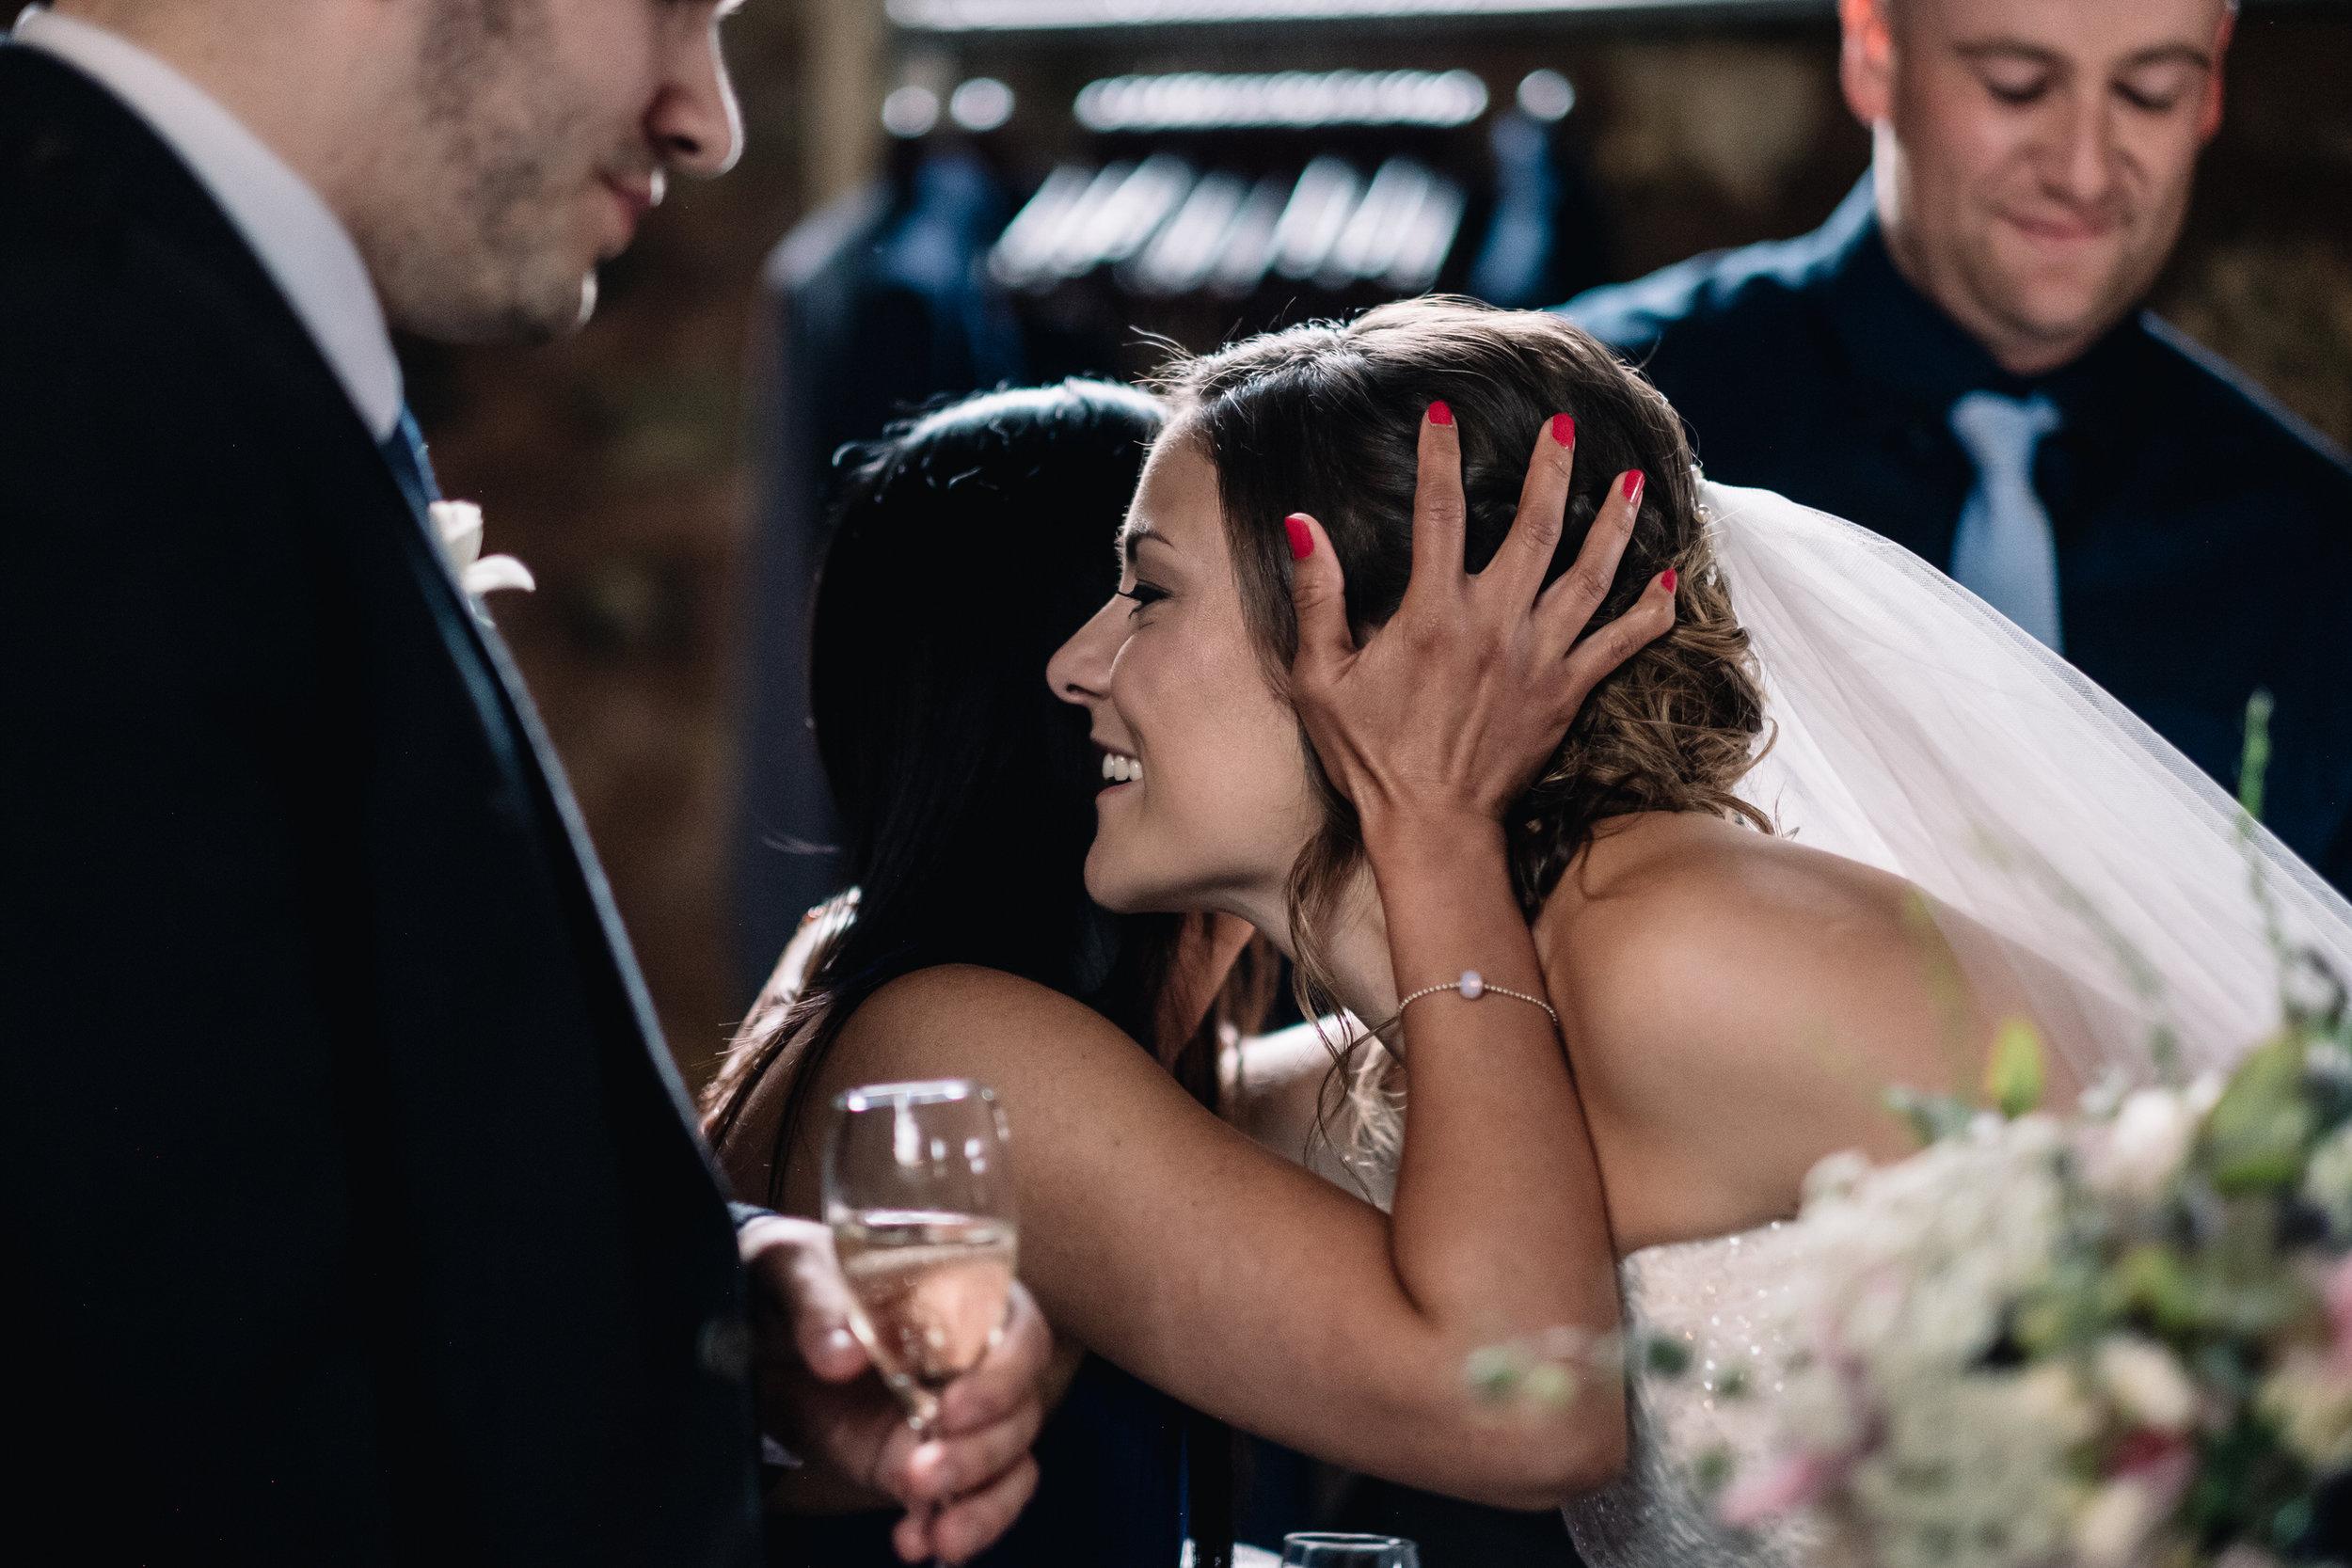 Guest congratulates bride